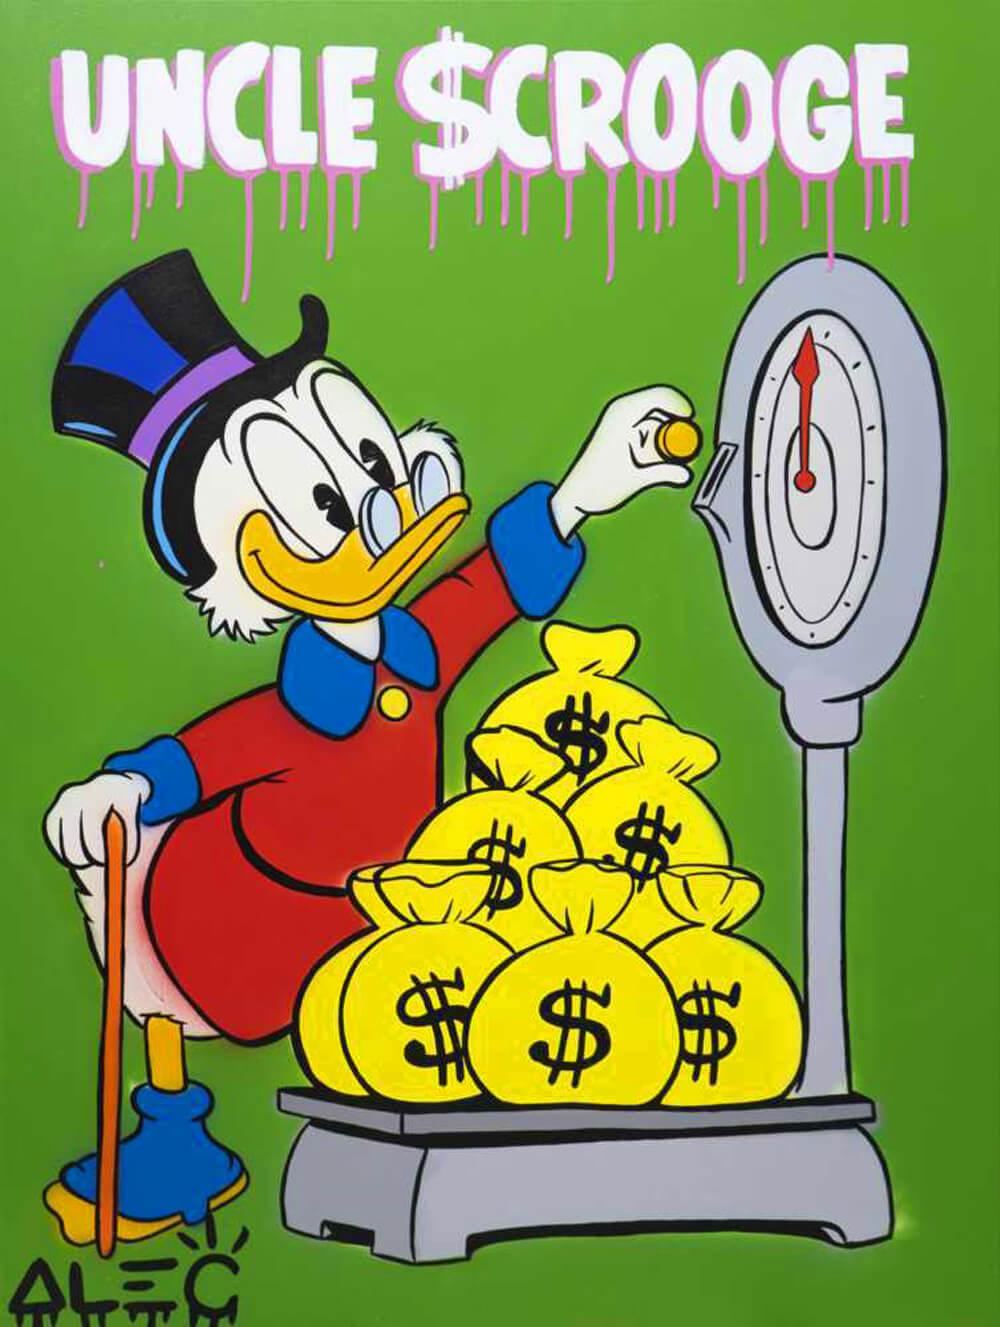 Uncle Scrooge Weighing Bags - Eden Gallery